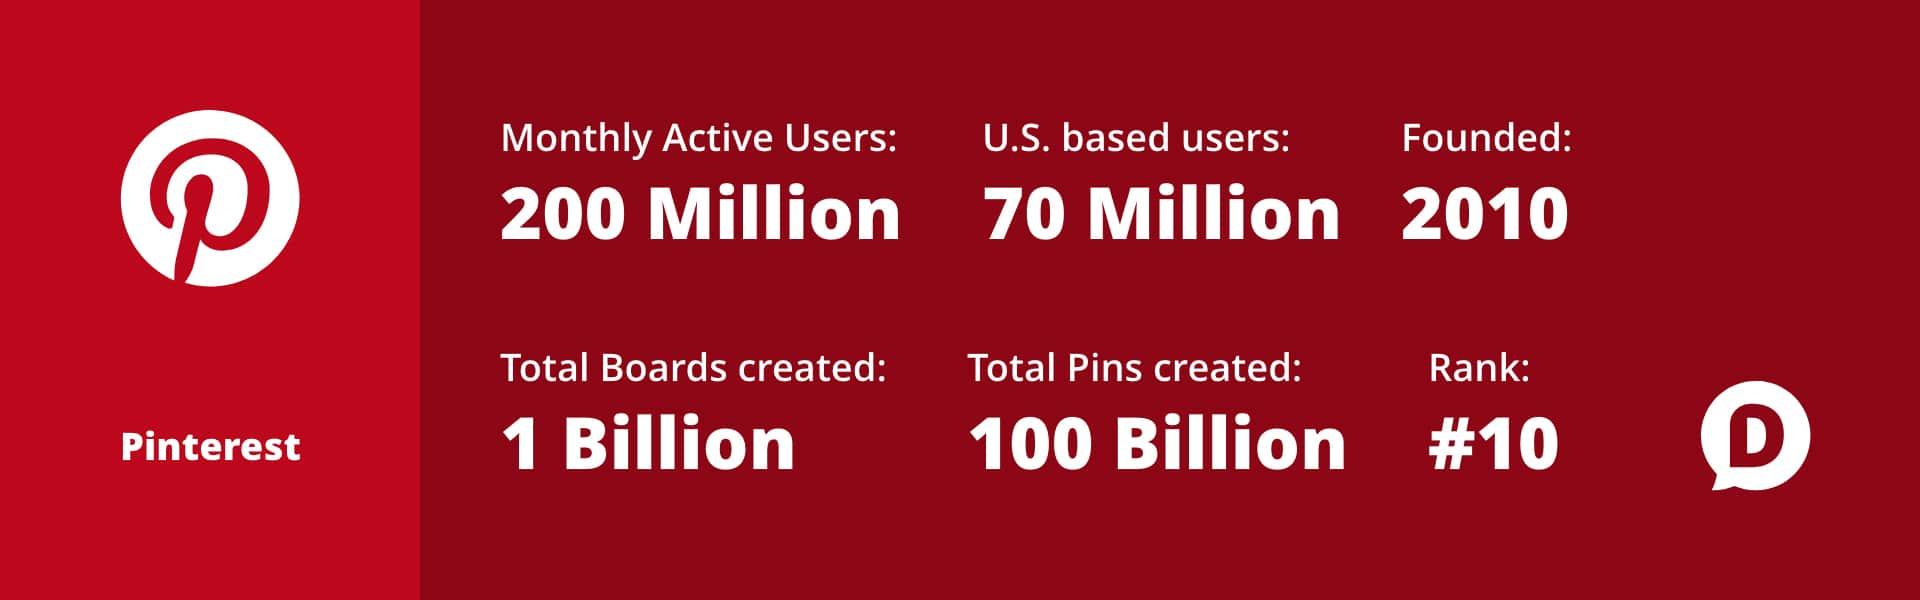 Pinterest statistics for 2018